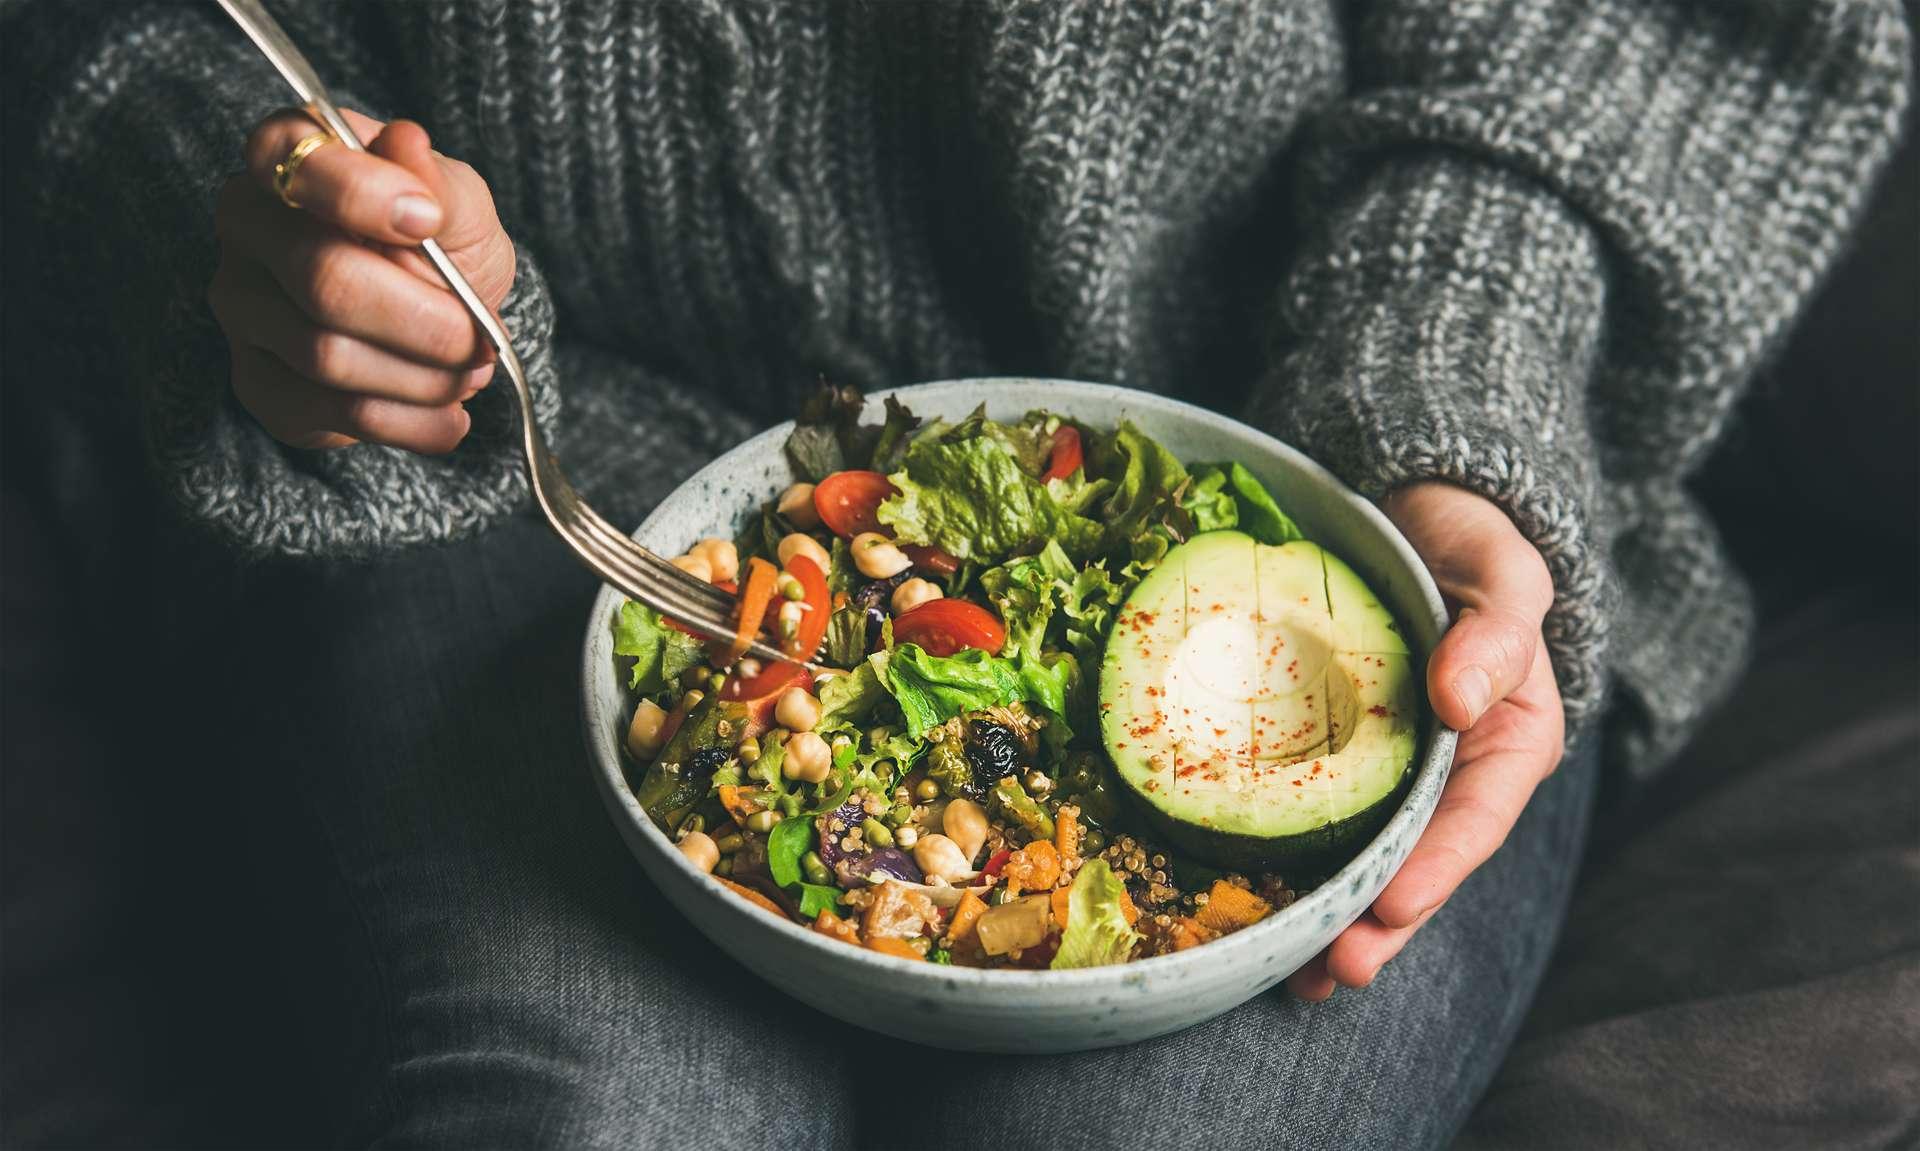 Un régime alimentaire végétarien est riche en nutriments et vitamines qui favorisent l'immunité. © sonyakamoz, Adobe Stock